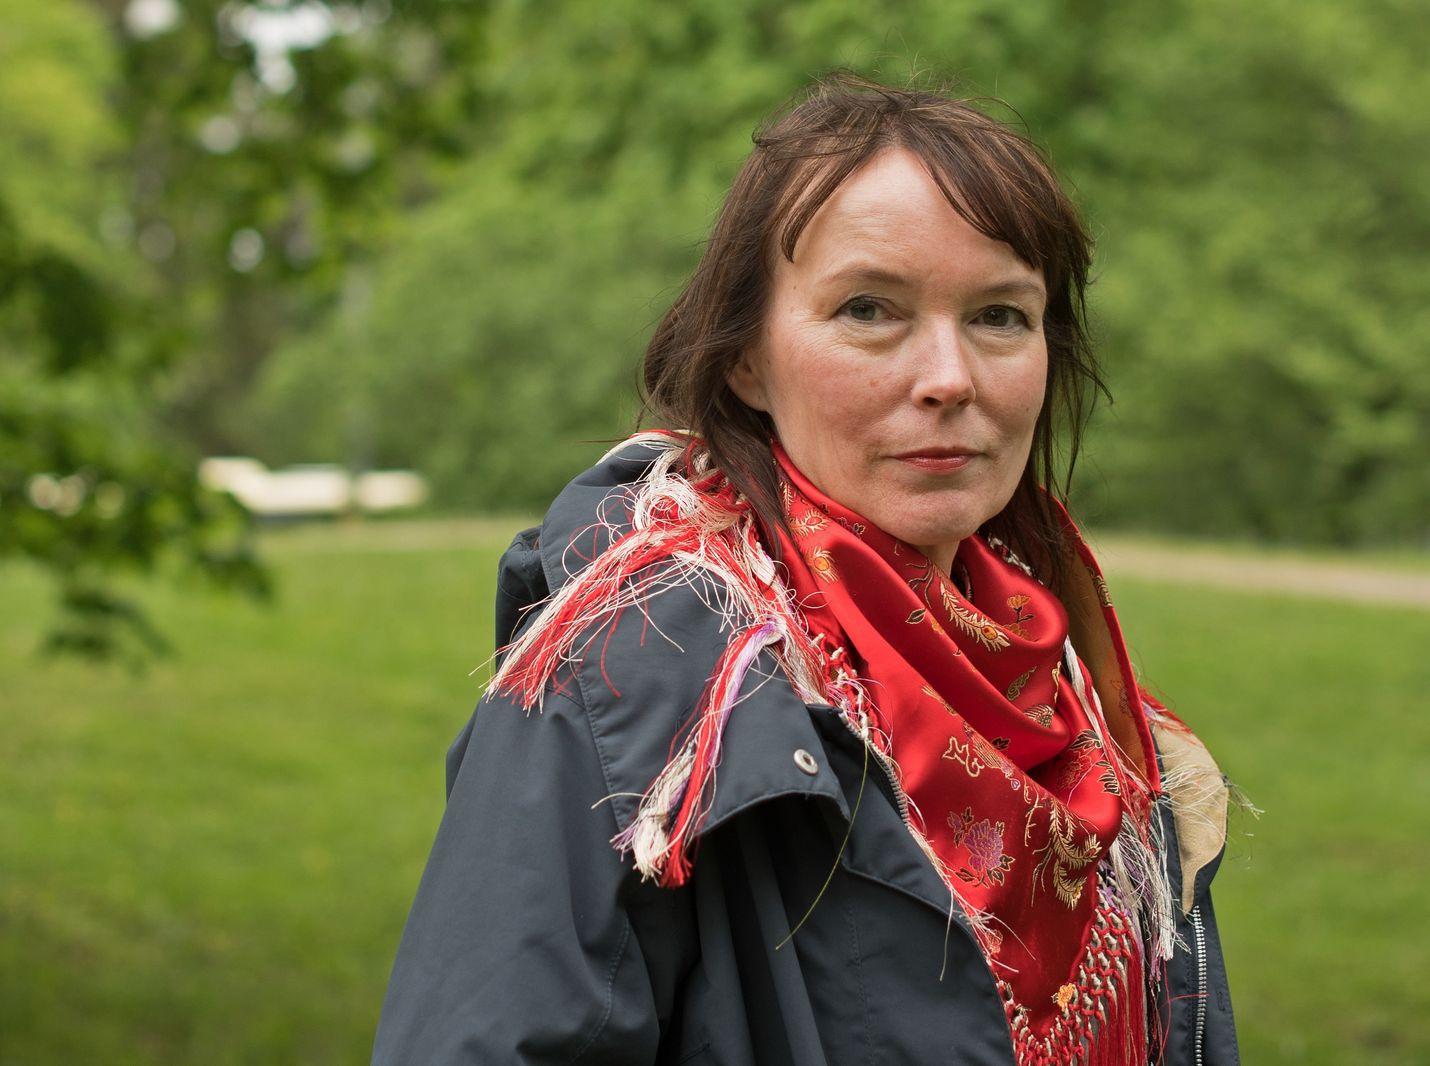 Kuvataiteilija Marja Helander pelkäsi, että ihmiset ovat jo saaneet yliannostuksen ympäristökatastrofista. Silti hänestä on edelleen hyvä idea käsitellä aihetta myös taiteen keinoin – jopa huumorin kautta.